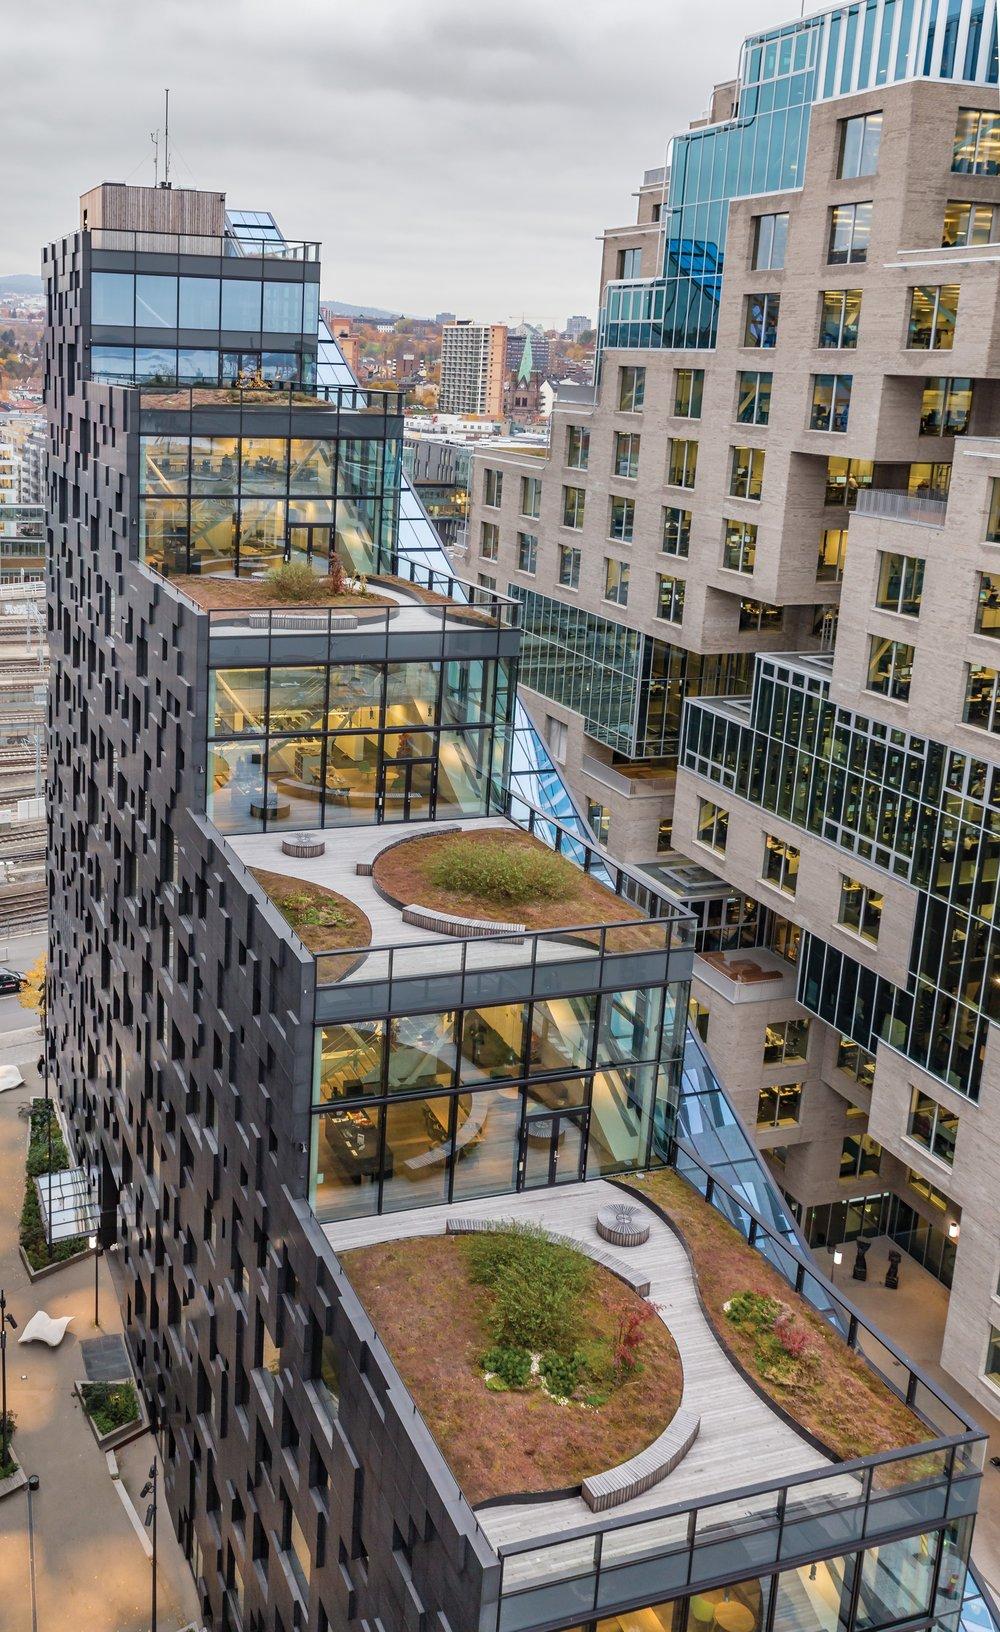 Taket er ofte byggets flotteste areal. Bruk det til urbane uterom! Foto: HK Foto